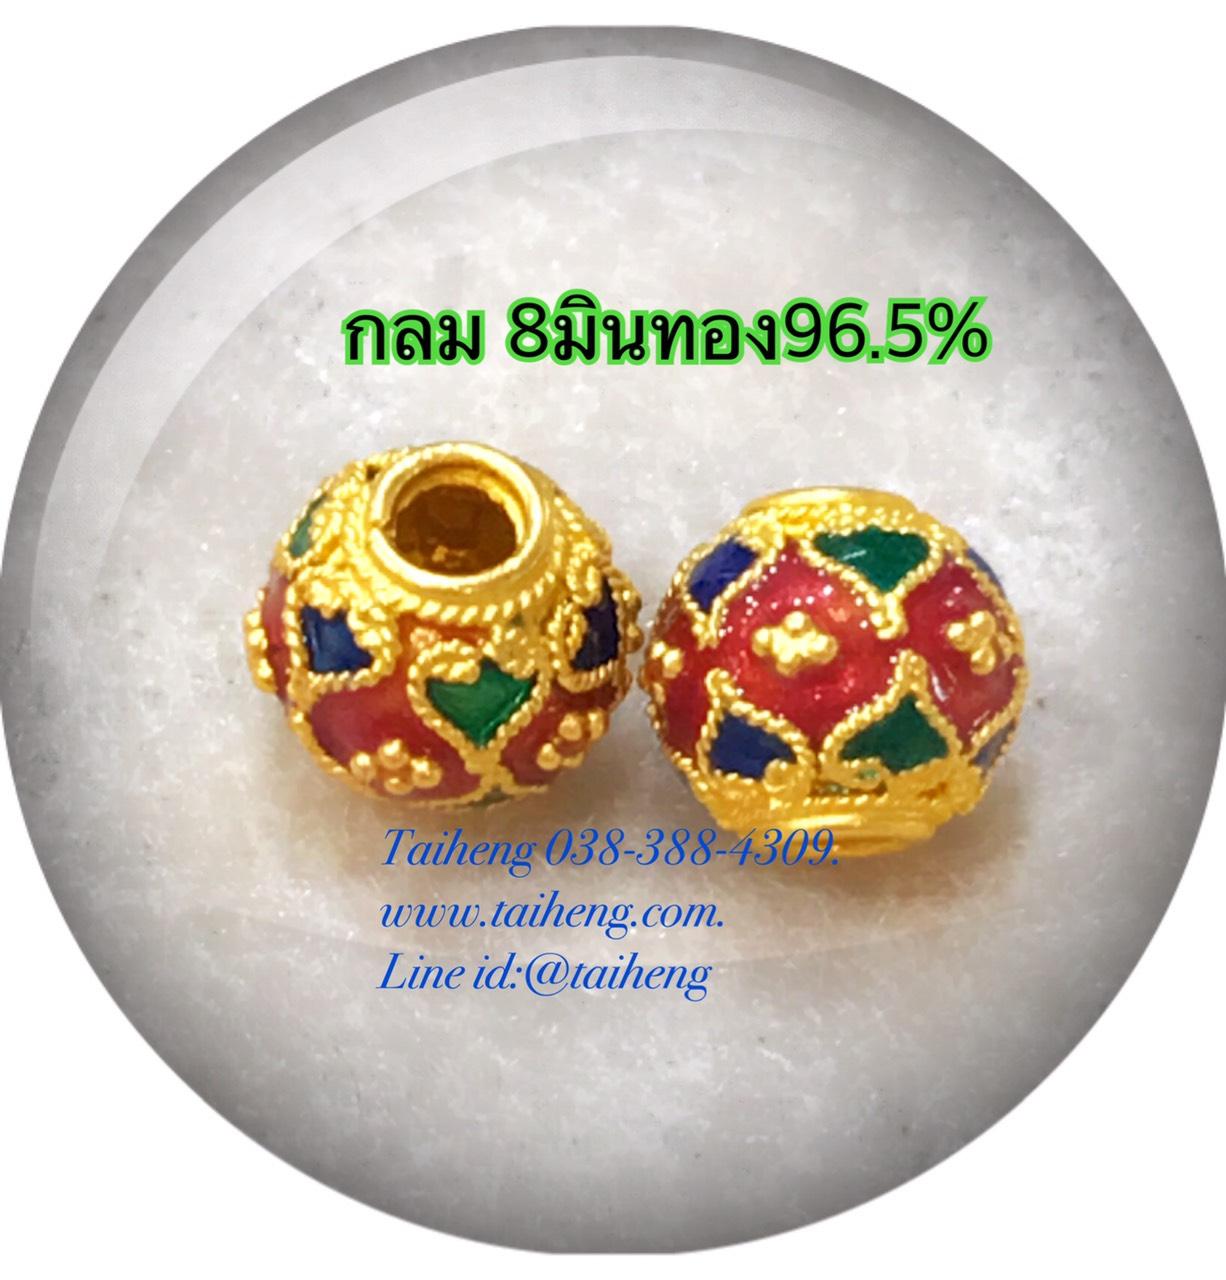 เม็ดทองกลมทอง 8 มินทองลงยาสีรวม ทอง96.5%สุโขทัย